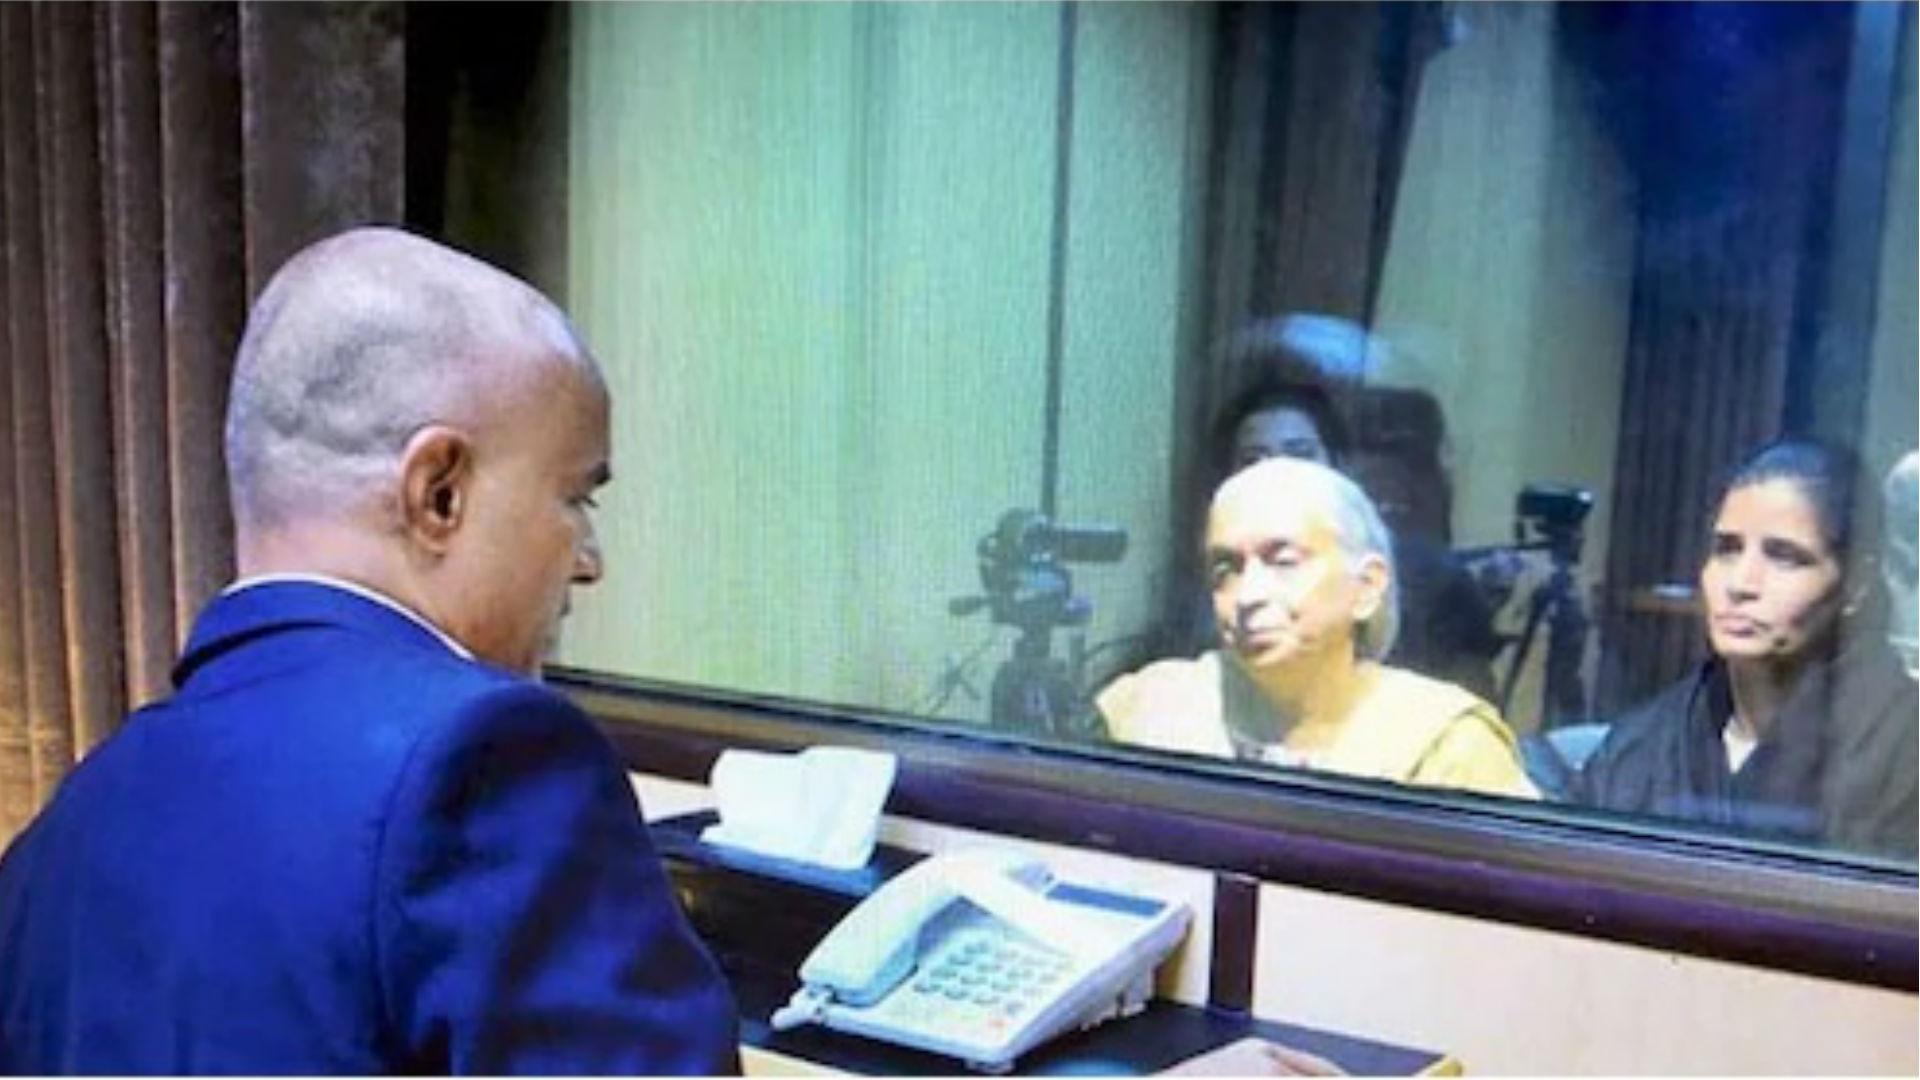 Kulbhushan Jadhav Verdict: भारत की बड़ी जीत, अंतरराष्ट्रीय अदालत ने कुलभूषण जाधव की फांसी पर लगाई रोक